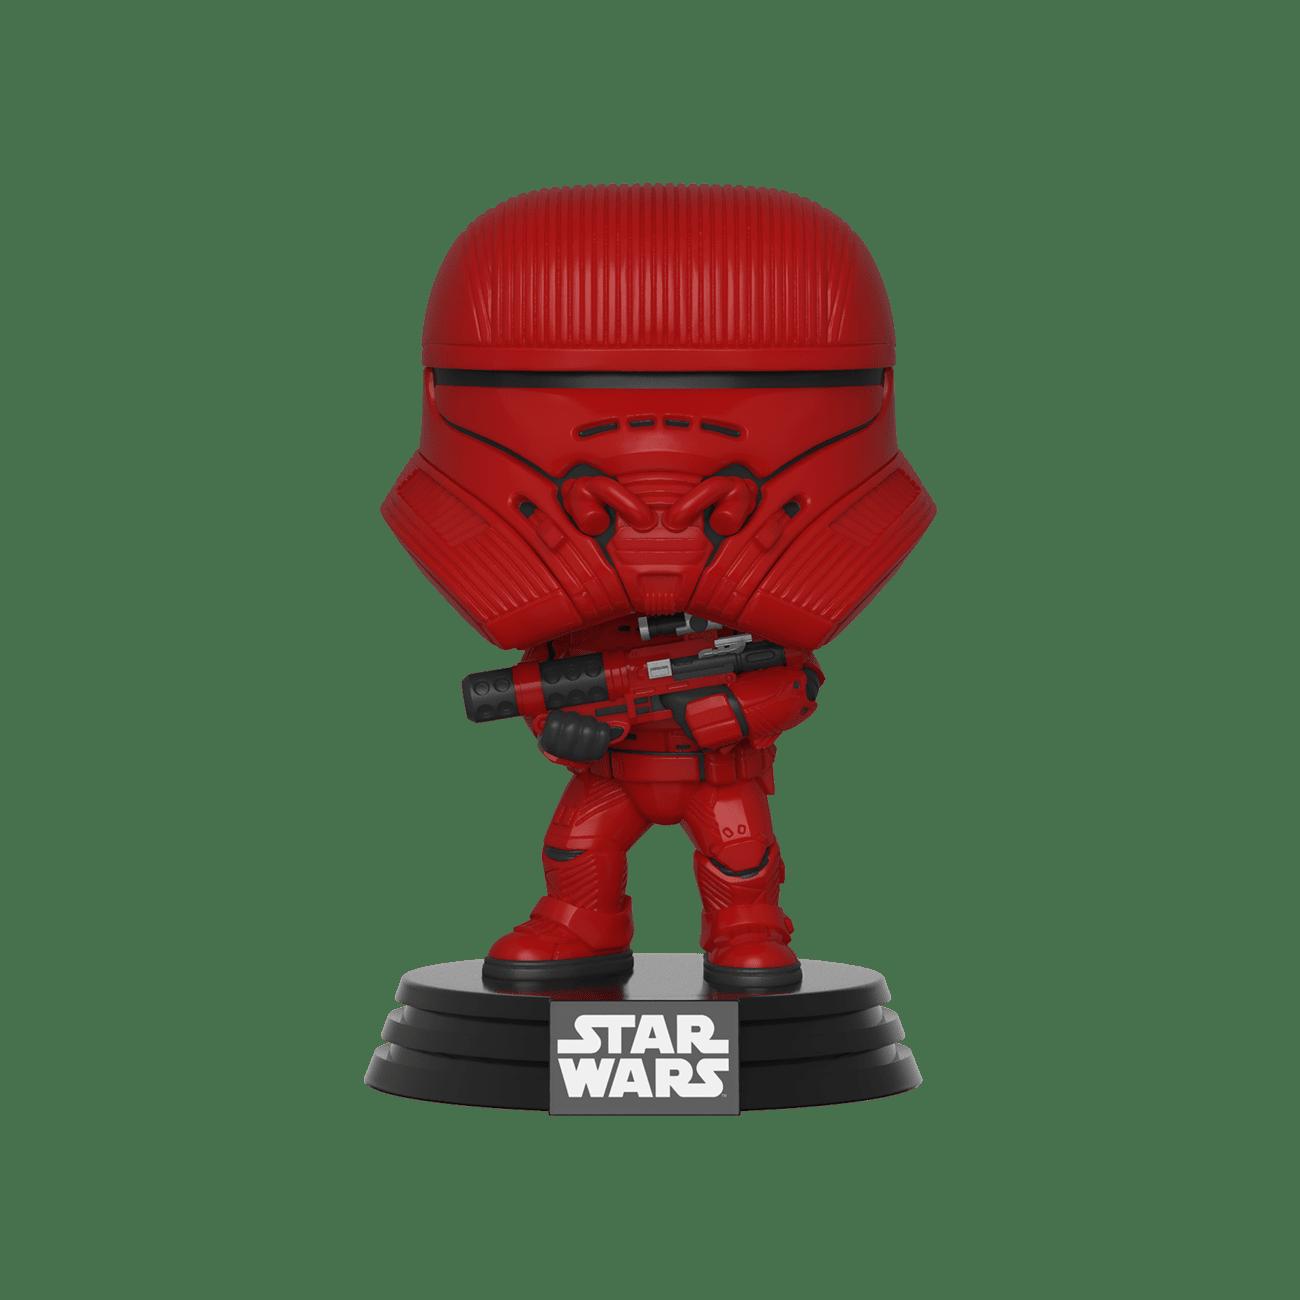 Funko Star Wars: The Rise of Skywalker Sith Jet Trooper Pop!  Vinyl Figure